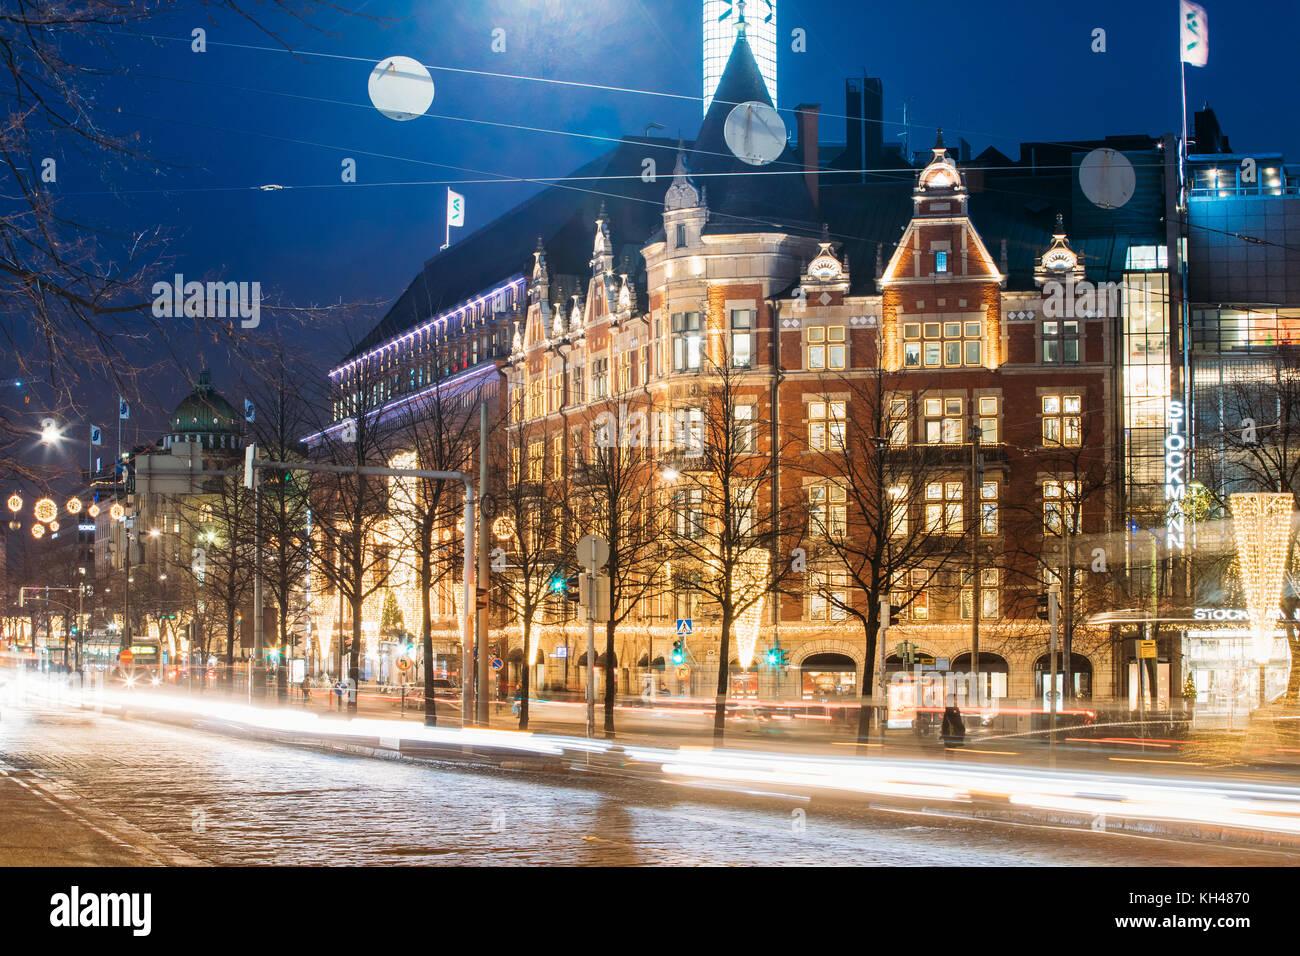 Helsinki, Finlande - le 7 décembre 2016: vue de la nuit de feu de circulation pédestre dans la rue Photo Stock